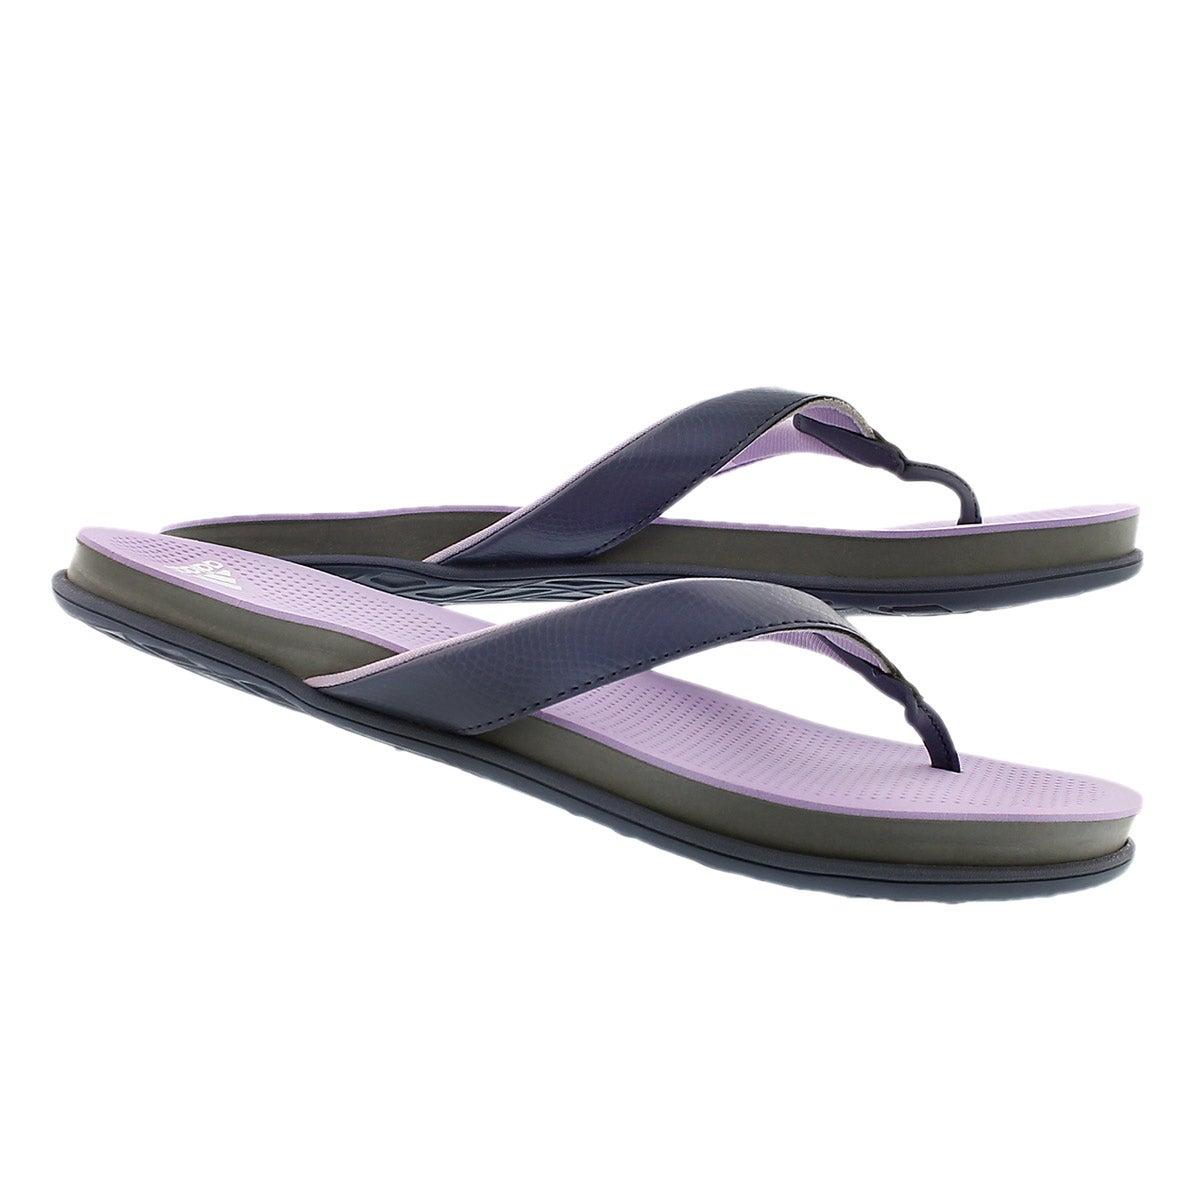 Lds Supercloud Plus blk/ppl thong sandal